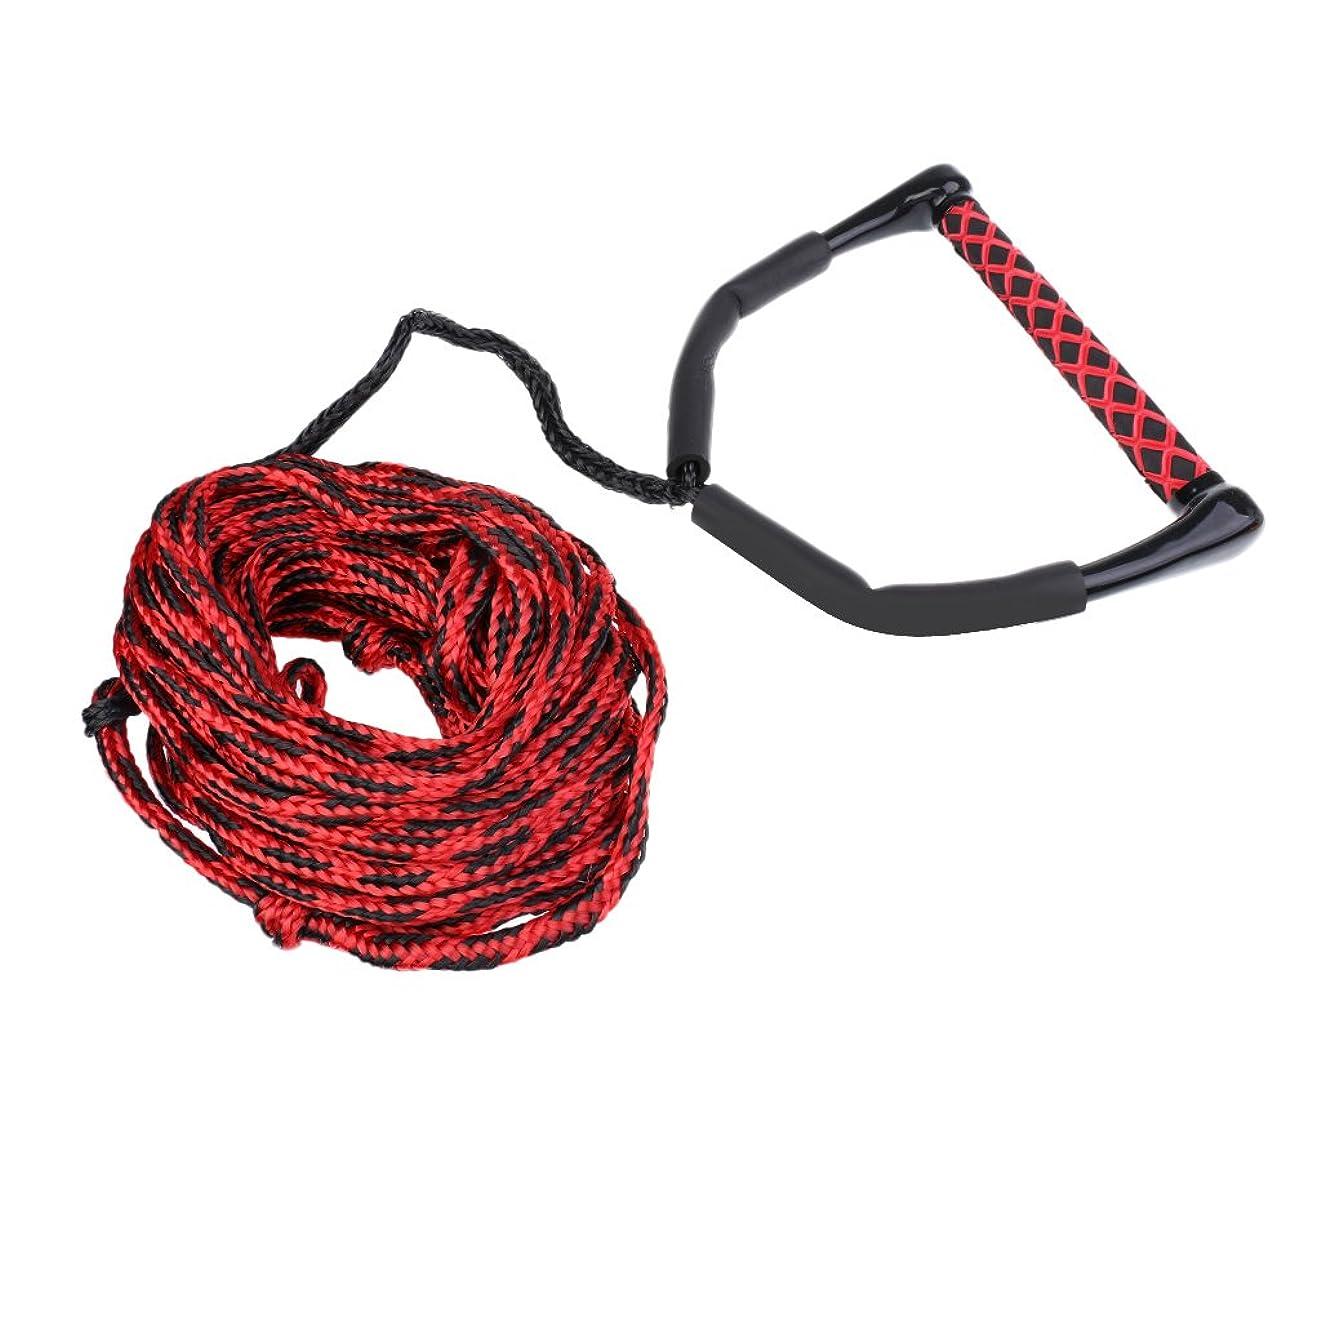 食事しみ意味のあるGRALARAハンドルグリップ付き スキー ウェイクボード ロープ リーシュコード 耐摩耗 23m 全3色 - ブラック、レッド